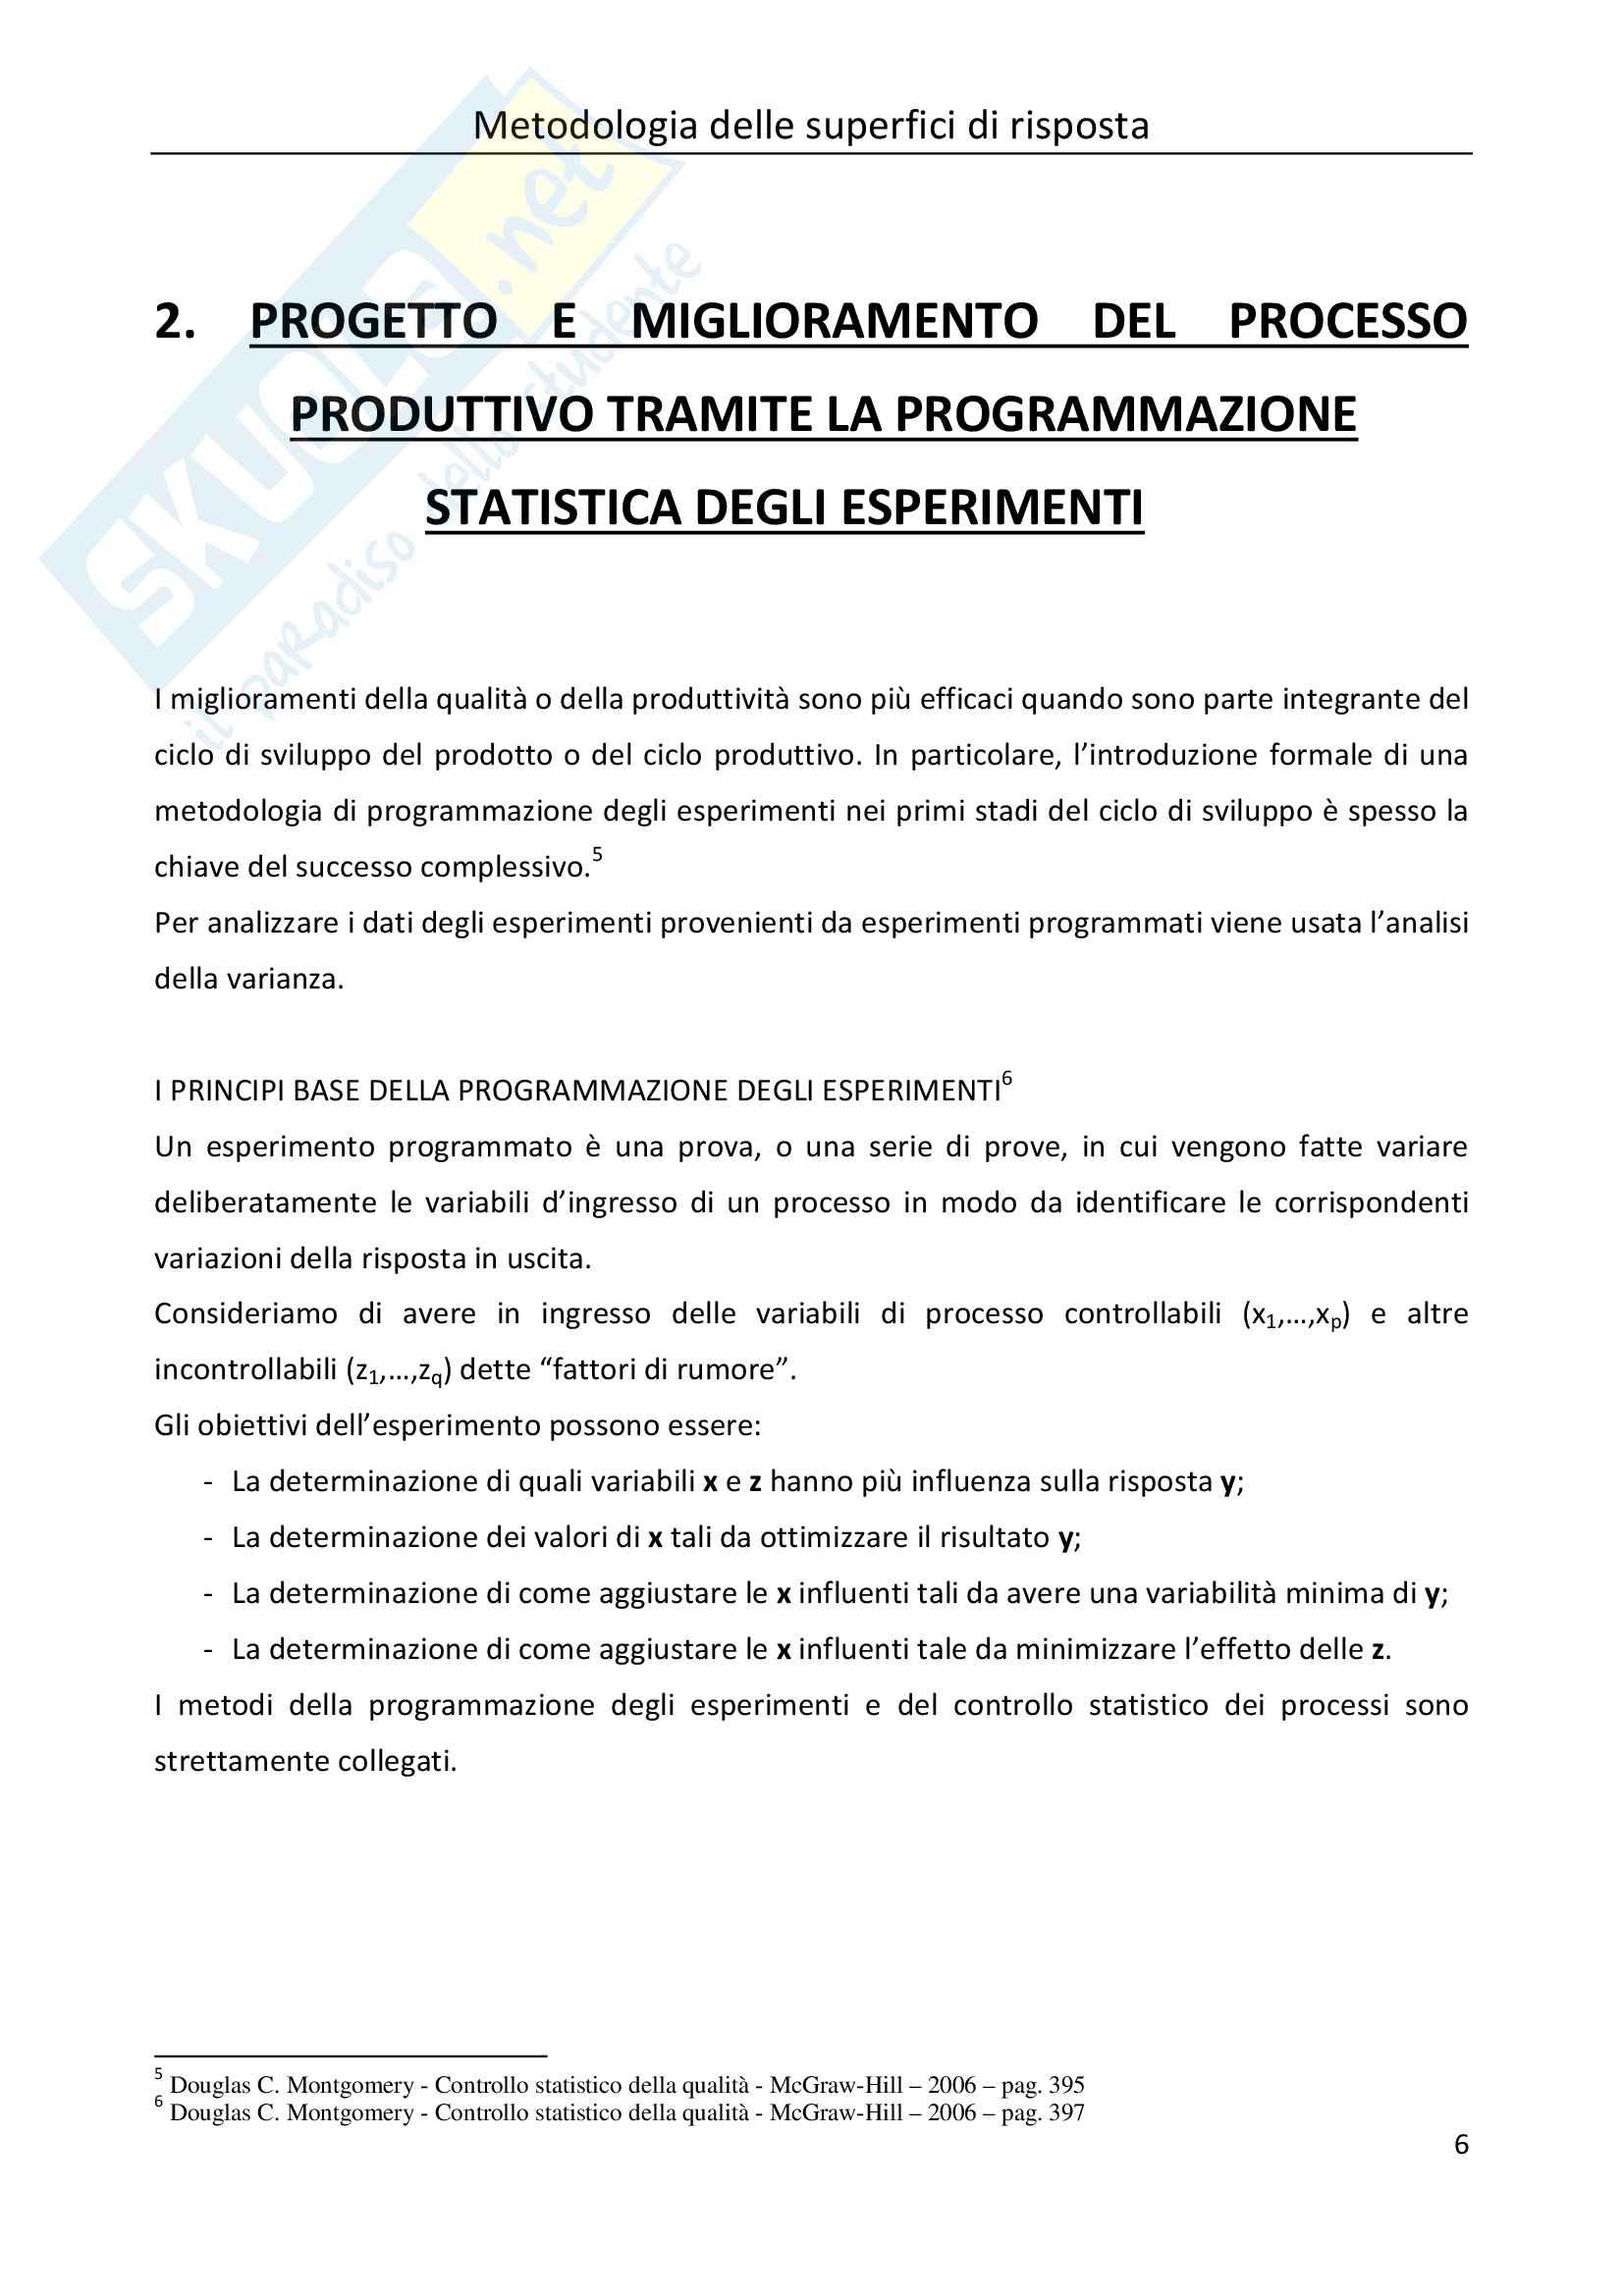 Tesi Statistica: metodologia delle superfici di risposta Pag. 6